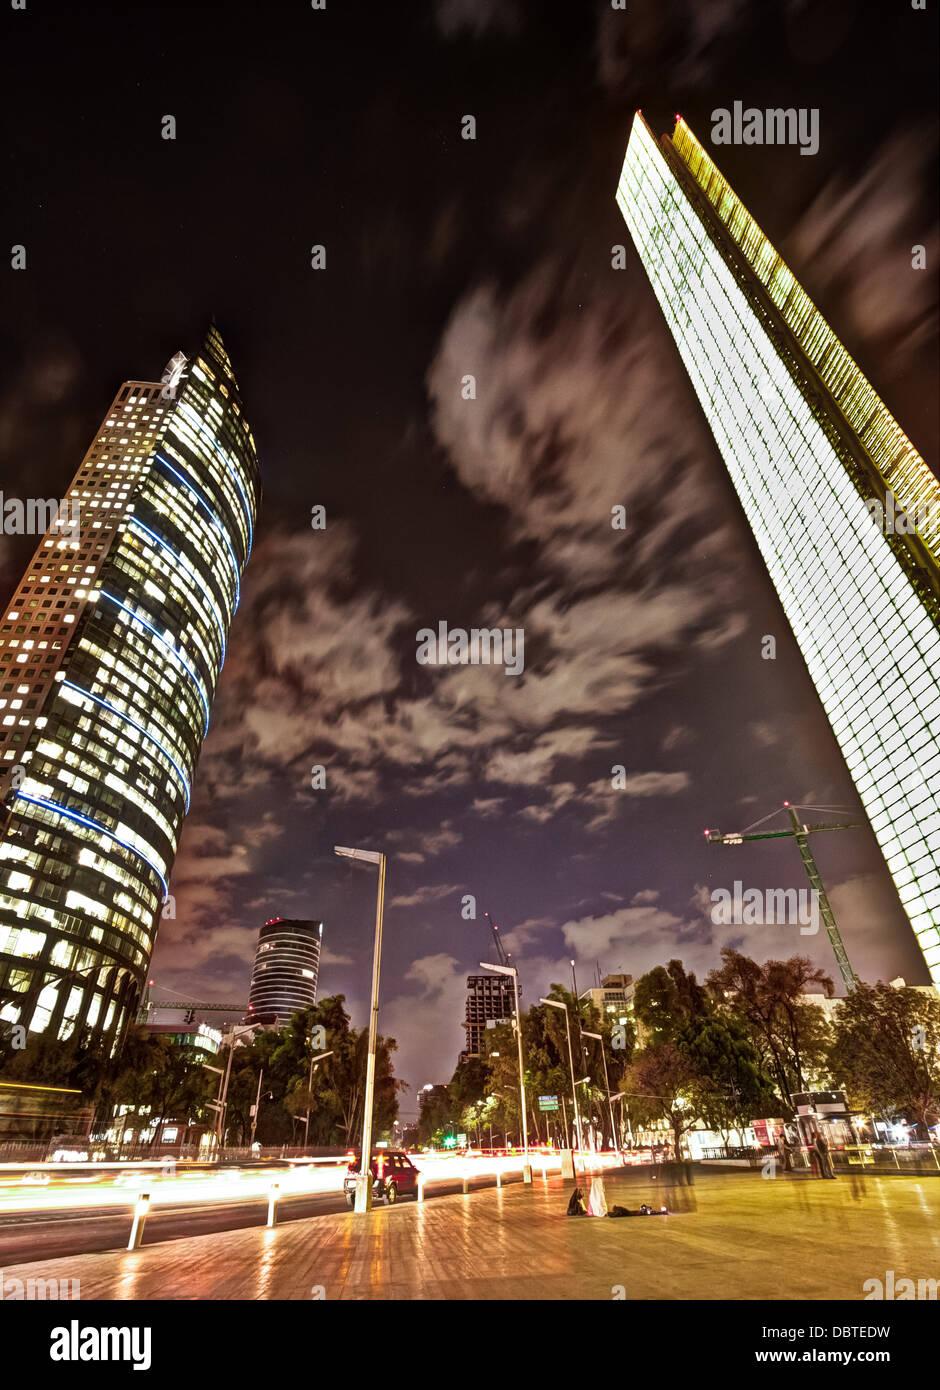 Photo prise dans la ville de Mexico Photo Stock